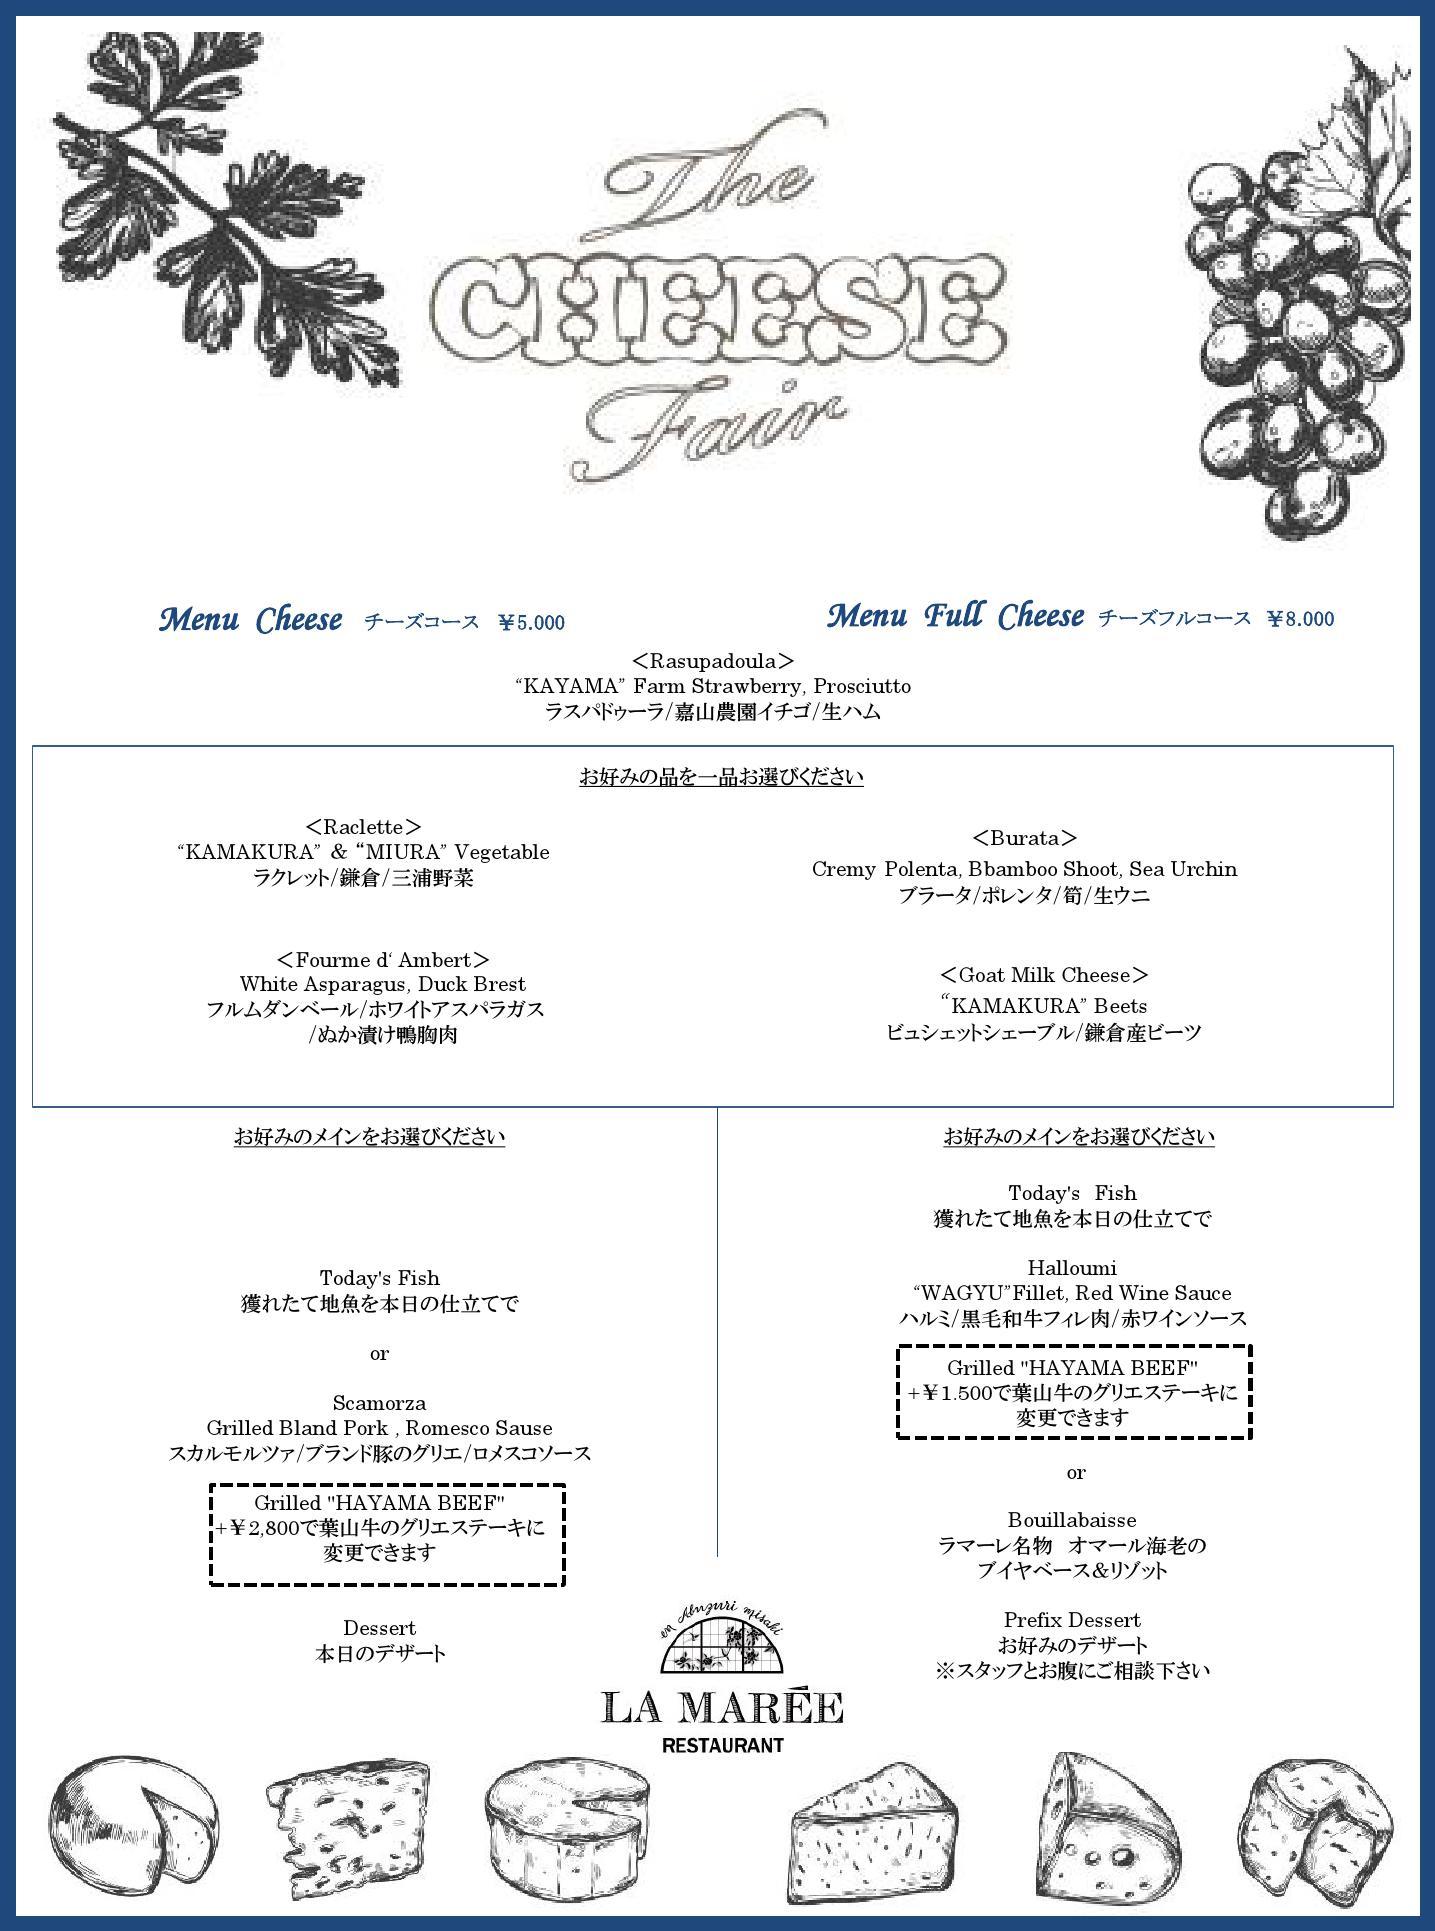 チーズ最新メニュー_000001